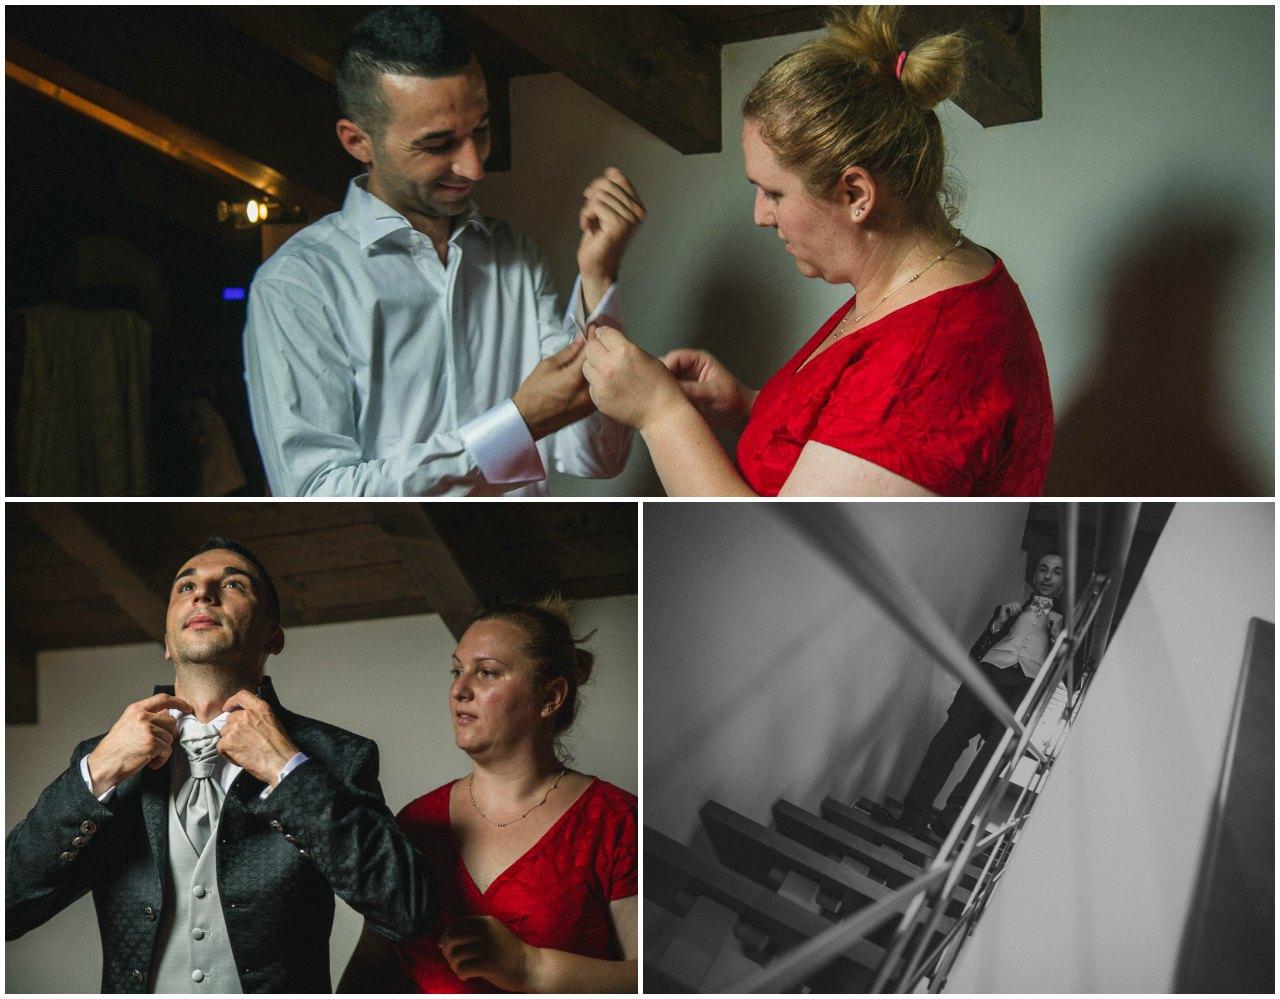 Matrimonio Tenuta Colle Piajo: preparazione dello sposo